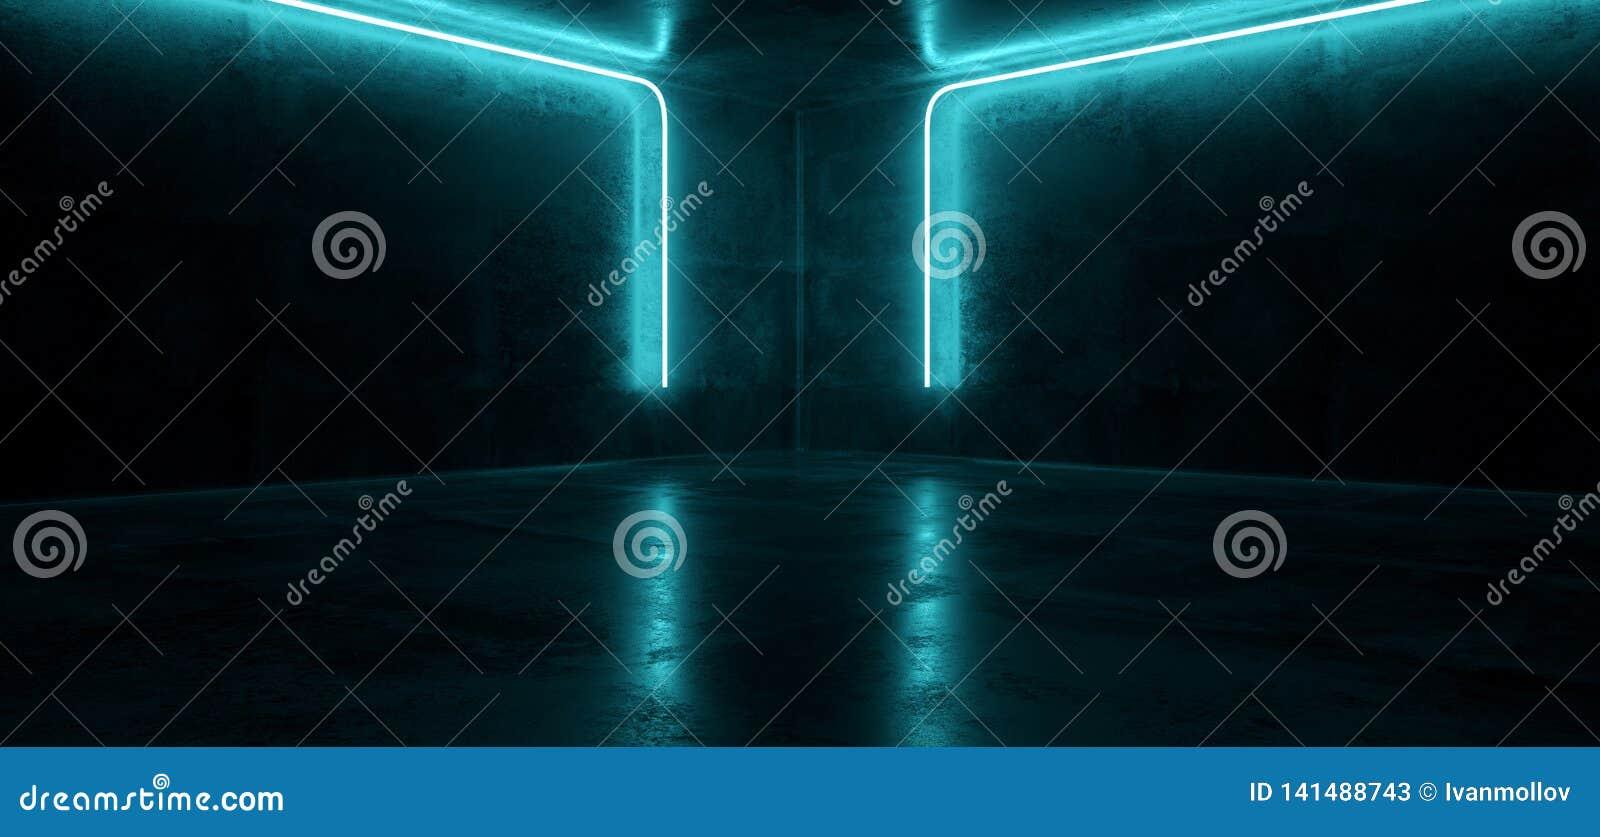 科学幻想小说霓虹未来派计算机国际庞克发光的减速火箭的现代充满活力的蓝色点燃激光展示空的阶段室霍尔反射性混凝土